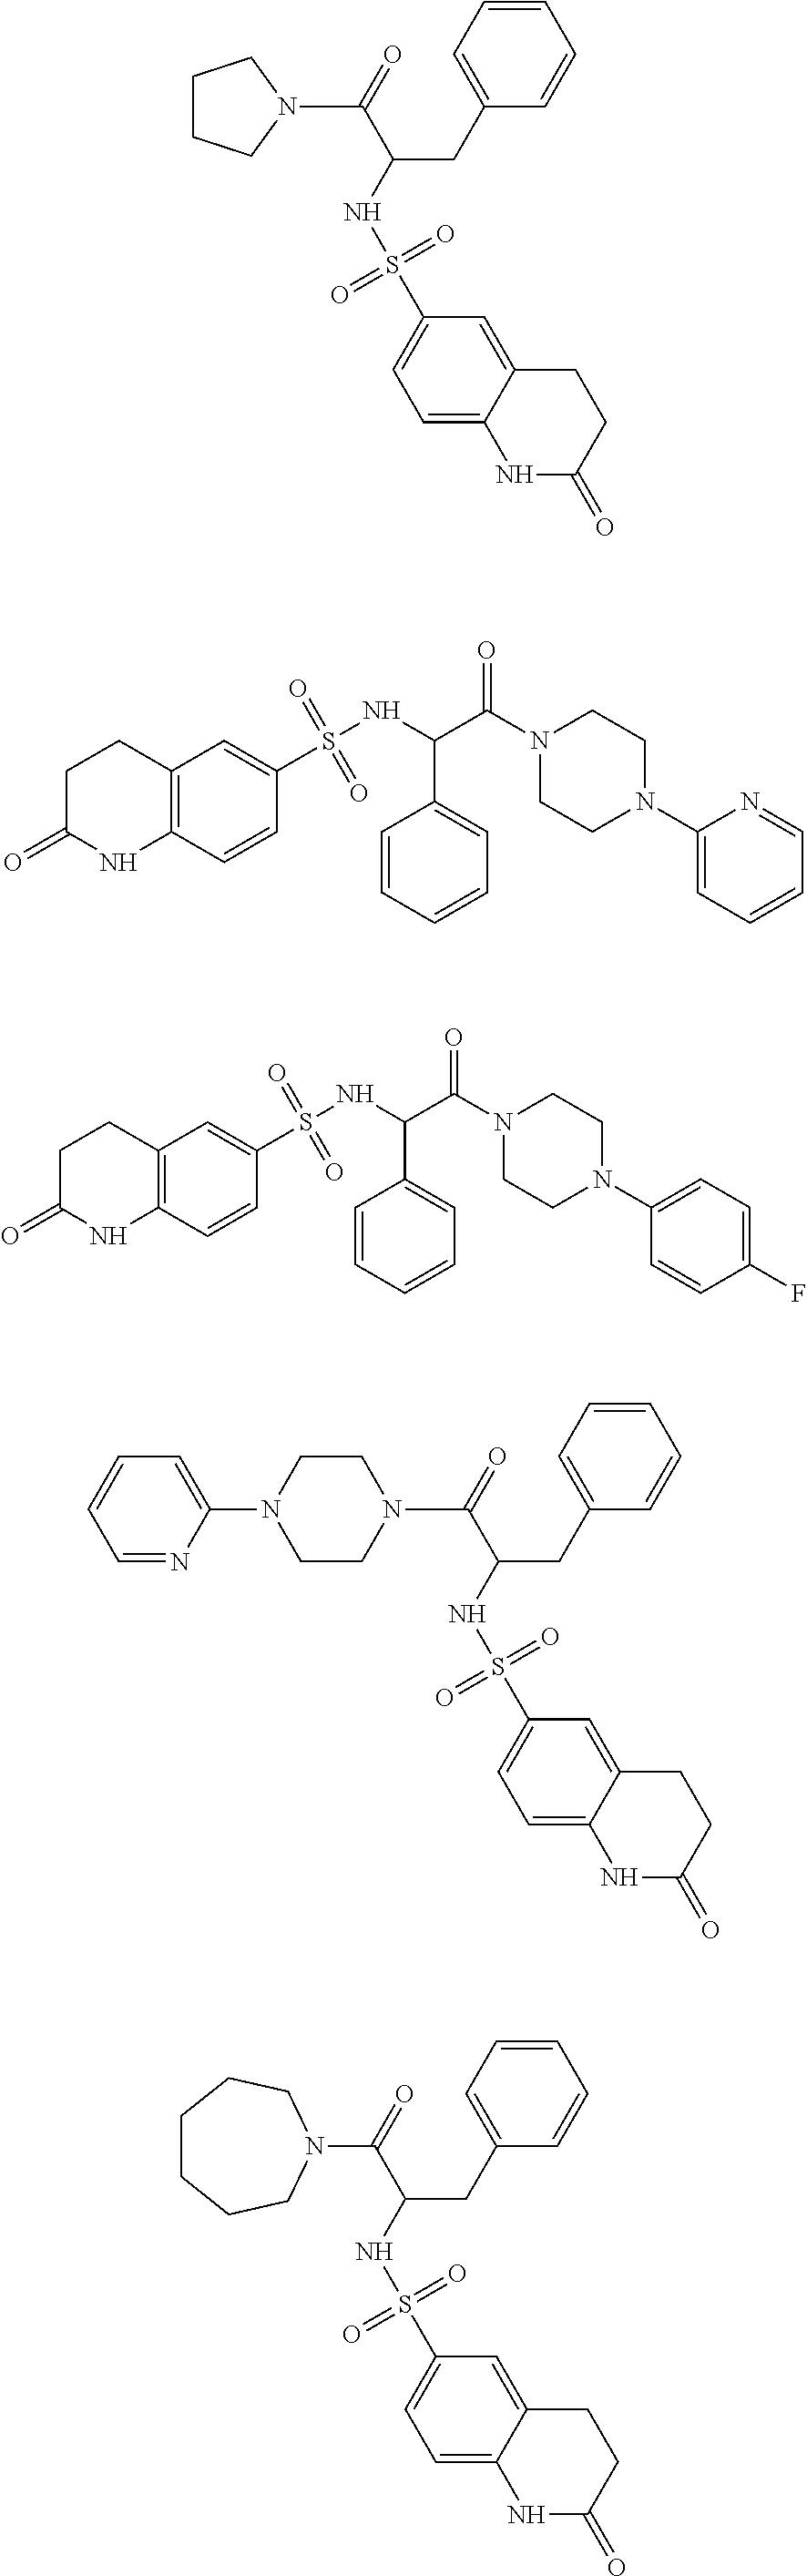 Figure US08957075-20150217-C00103